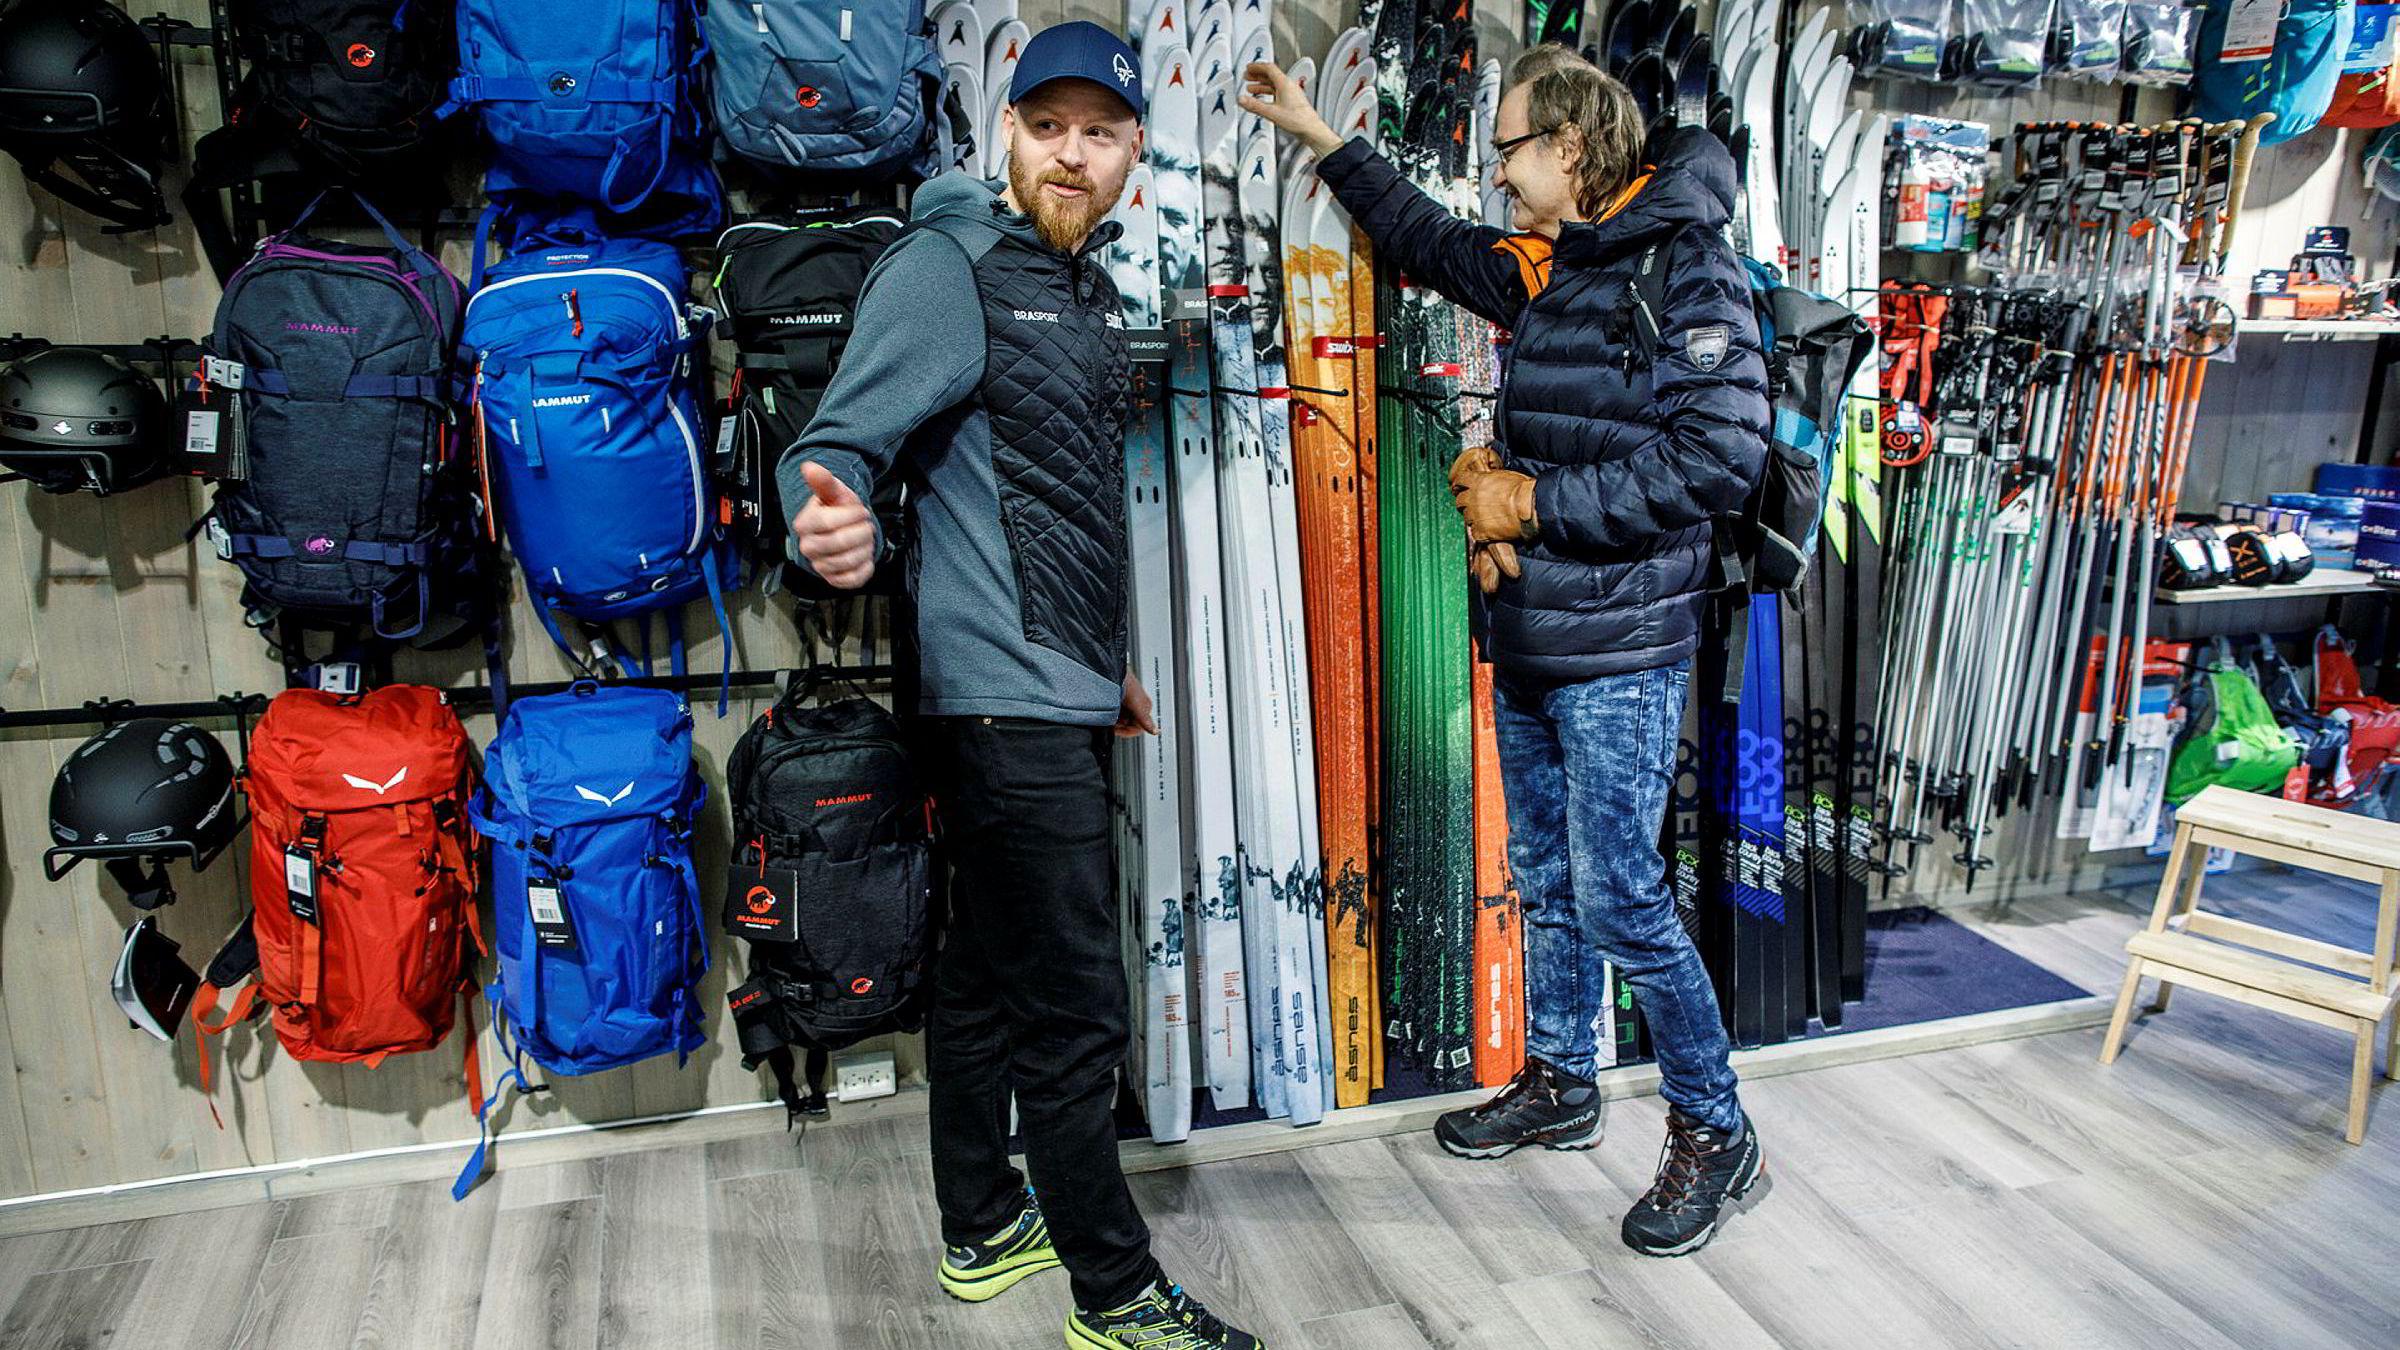 Kjetil Engja er fristet til å handle mer nytt utstyr på nyåpnede Braa Sport, der han får hjelp av butikksjef Andreas Håland. Engja trenger bare gå noen få meter før han har ytterligere tre sportsbutikker å velge fra.